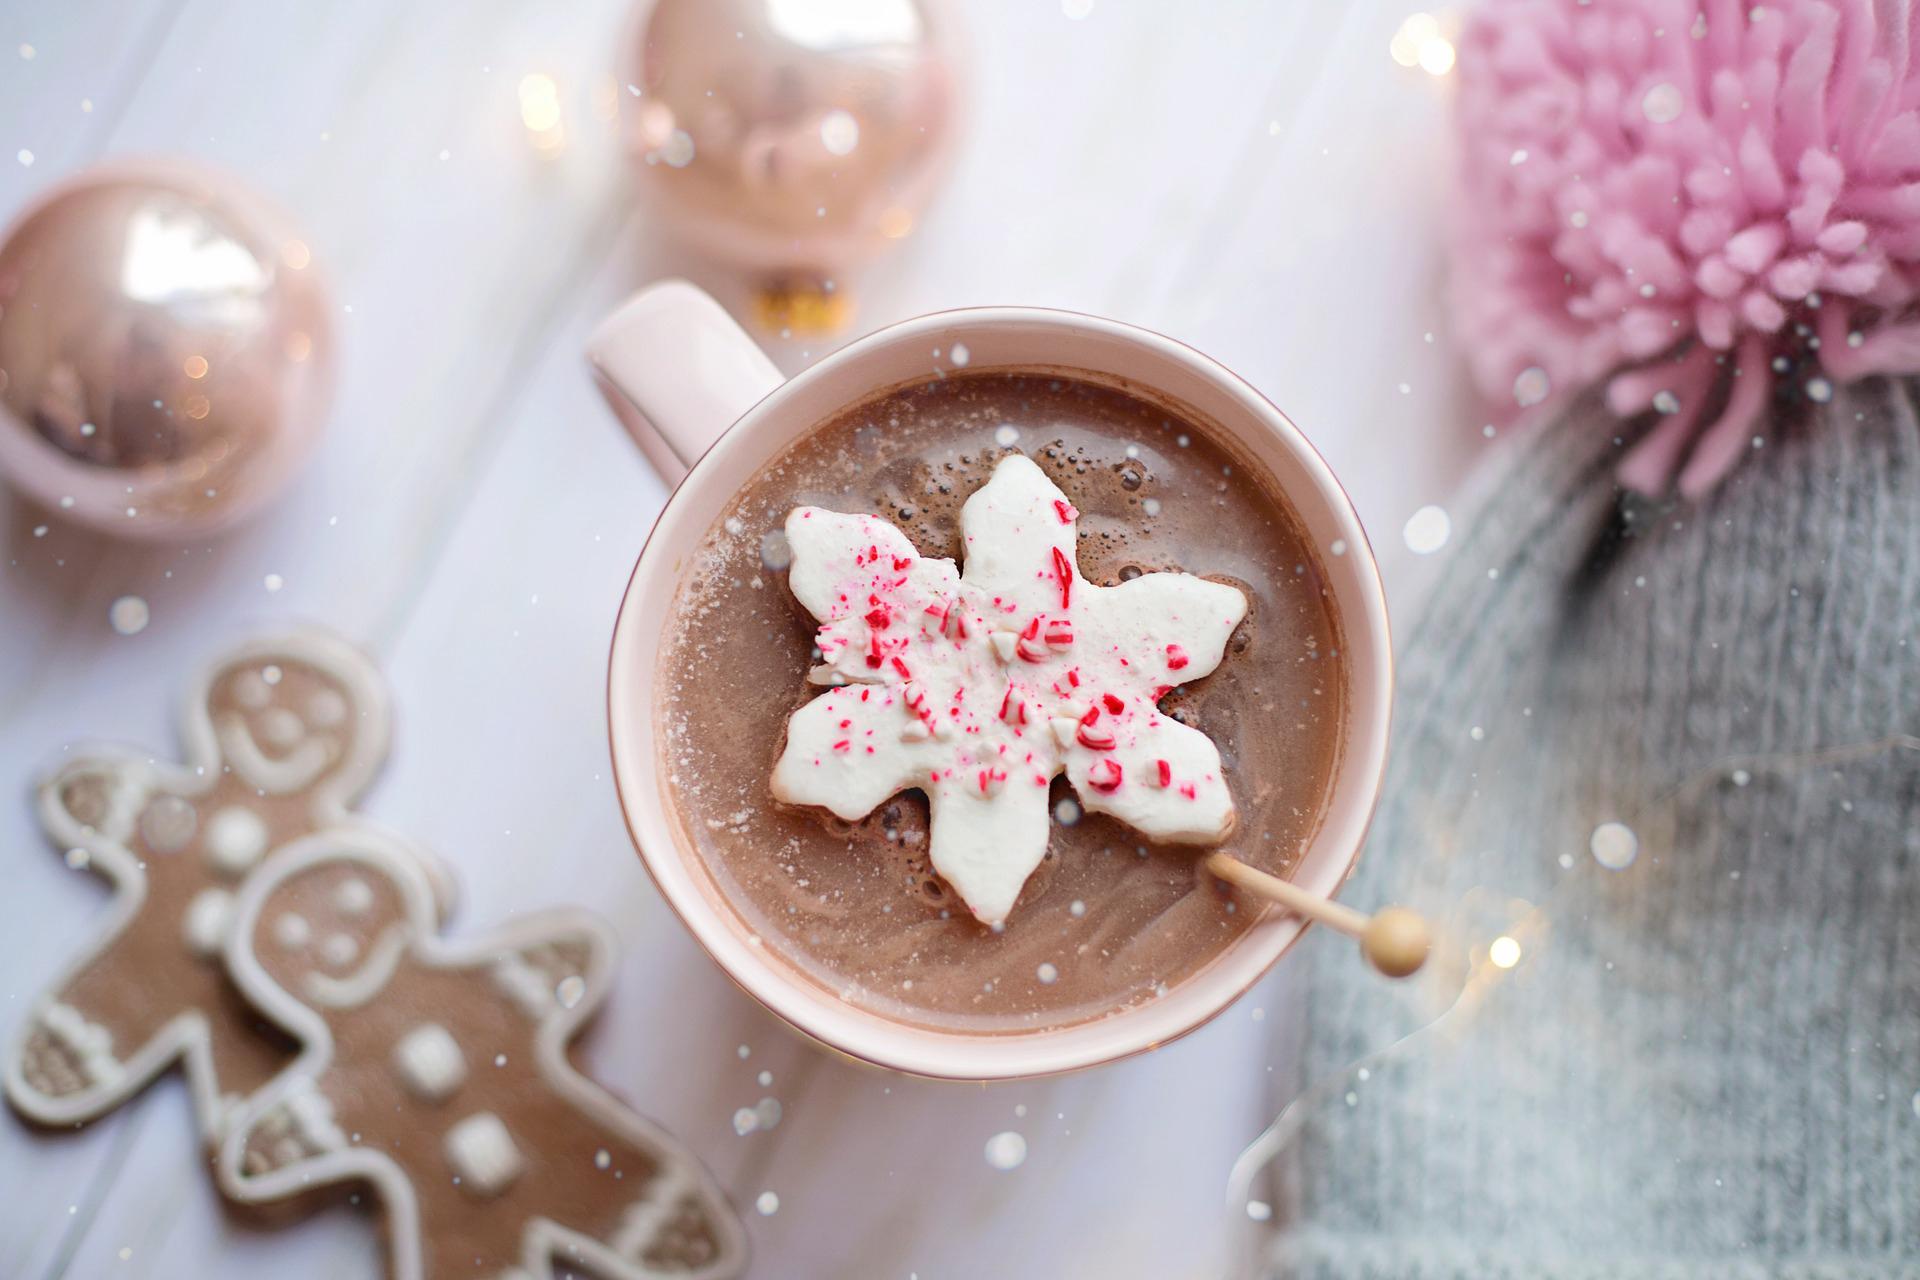 Eine Tasse heisse Schokolade und Lebkuchen